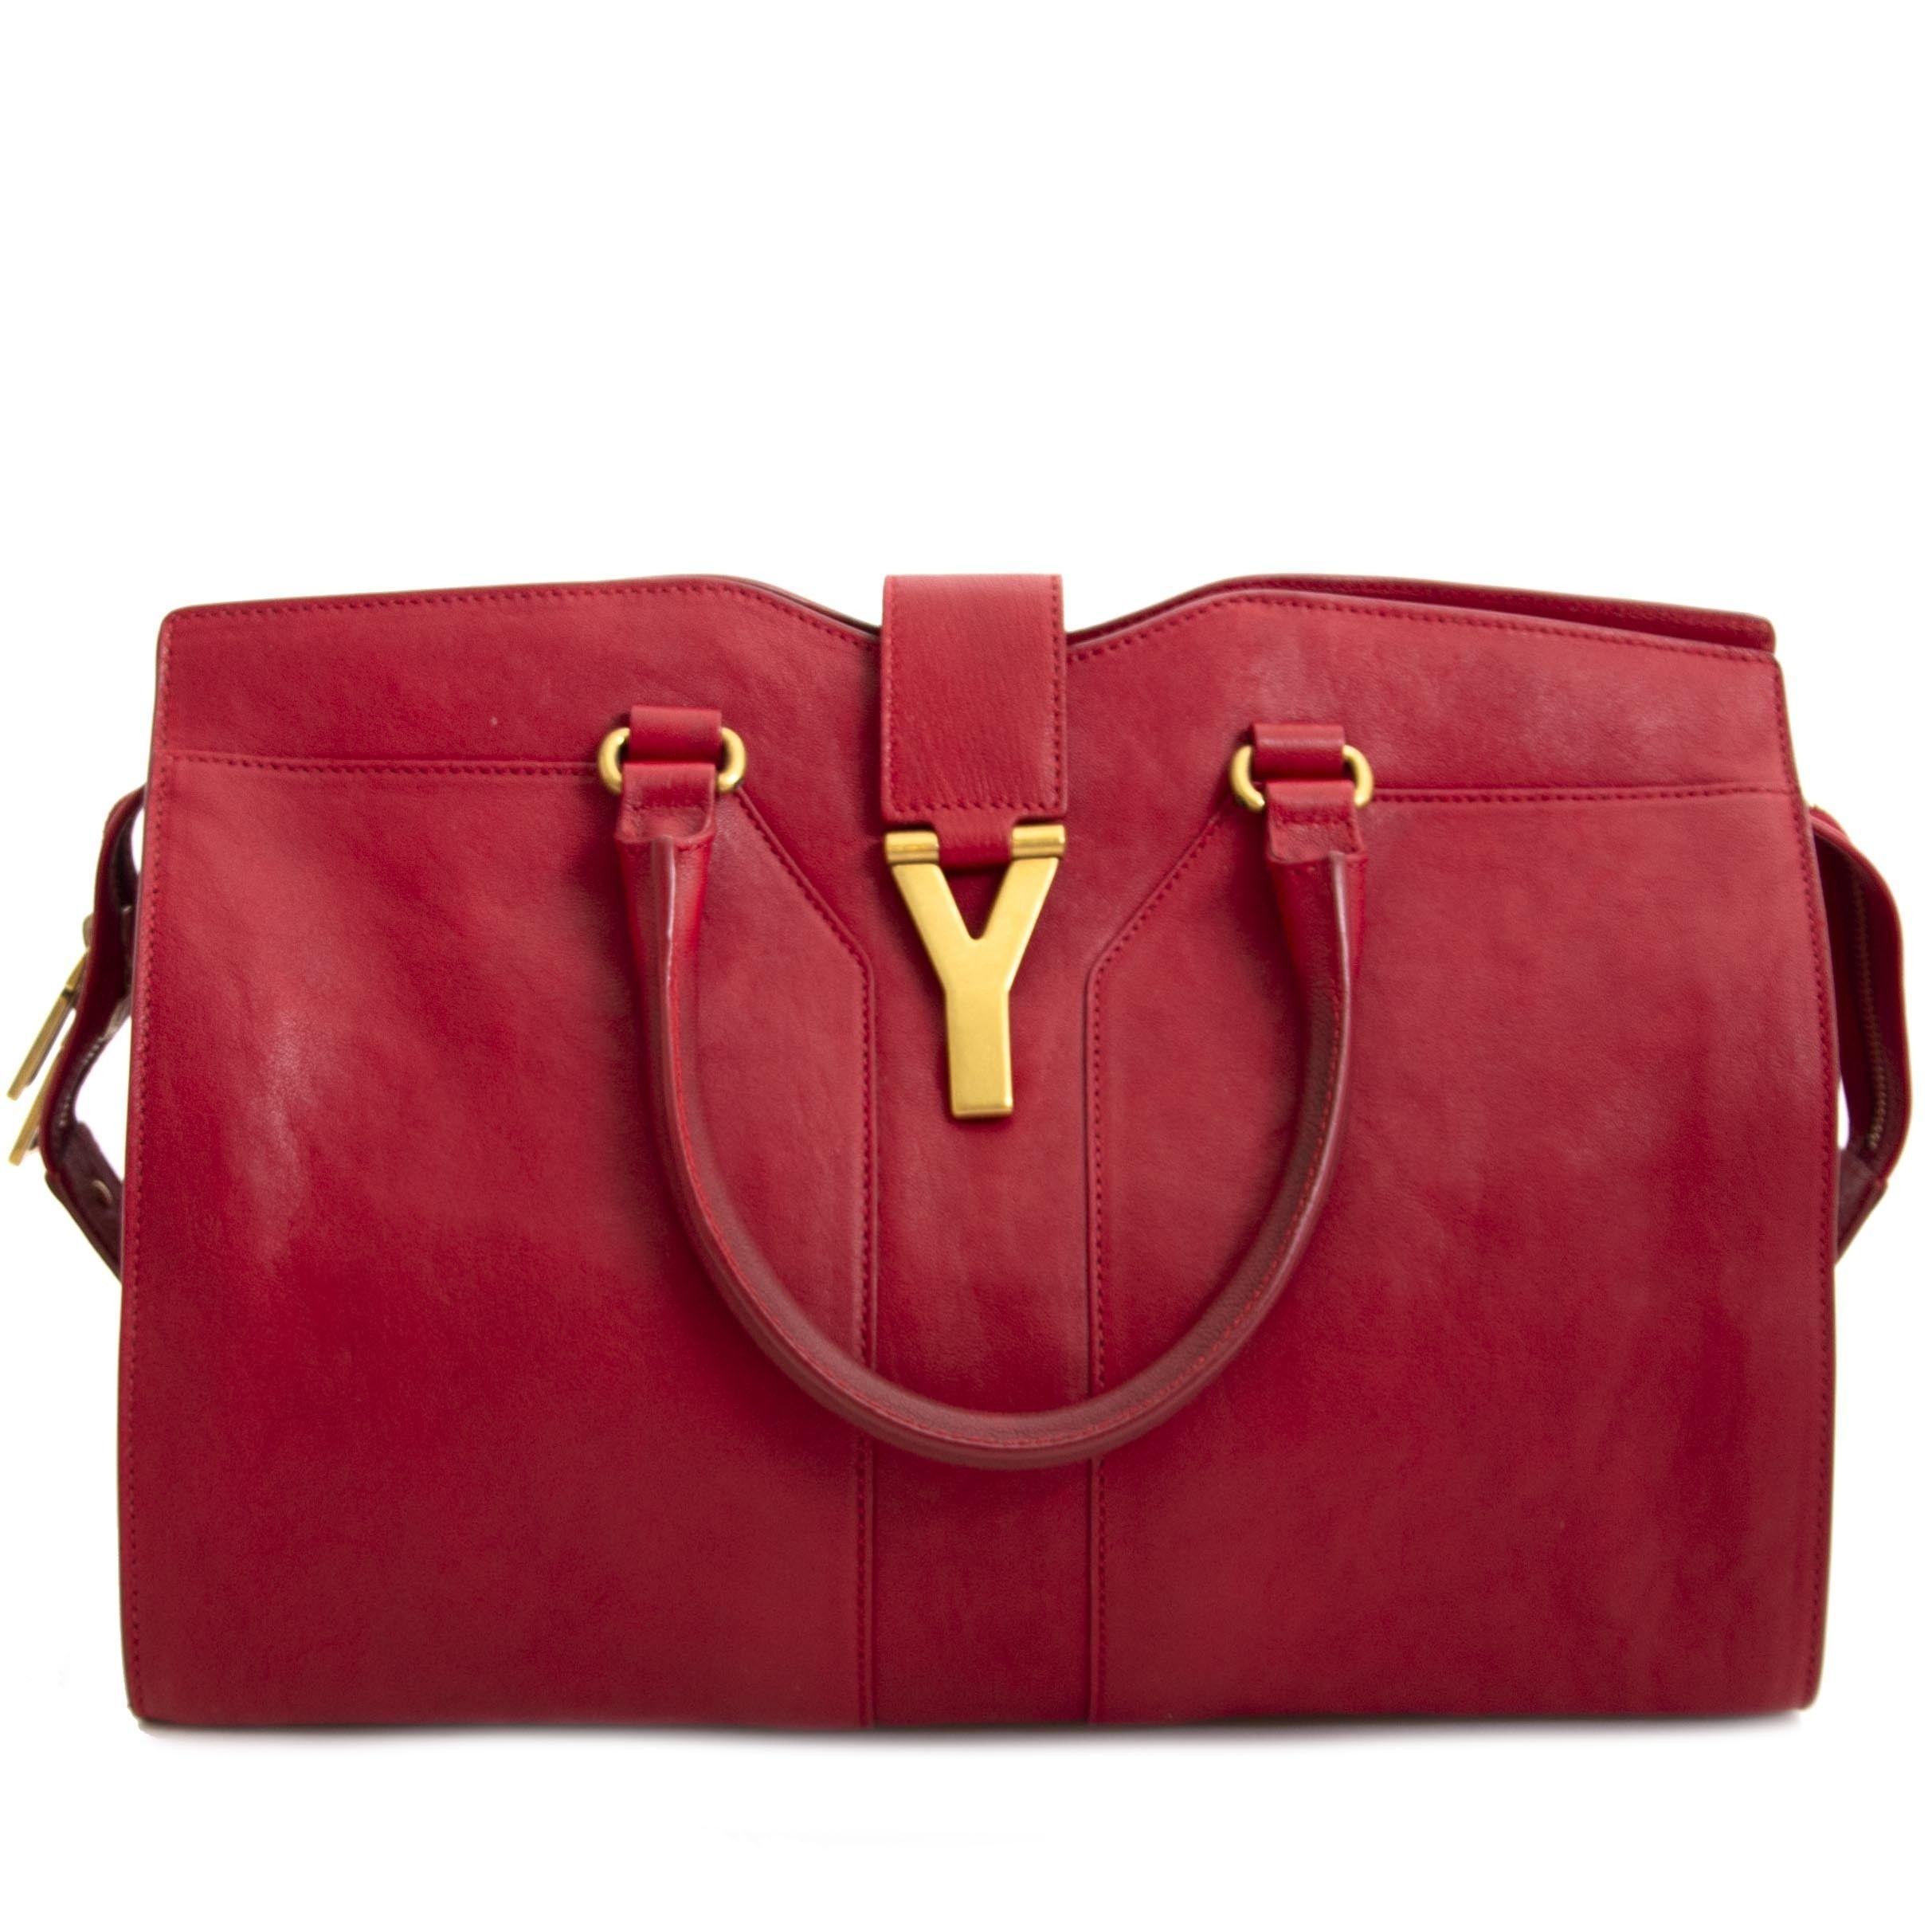 2fc7864a0d63 Saint Laurent Red Leather Medium Cabas Chyc Tote Bag | Shop Labellov ...